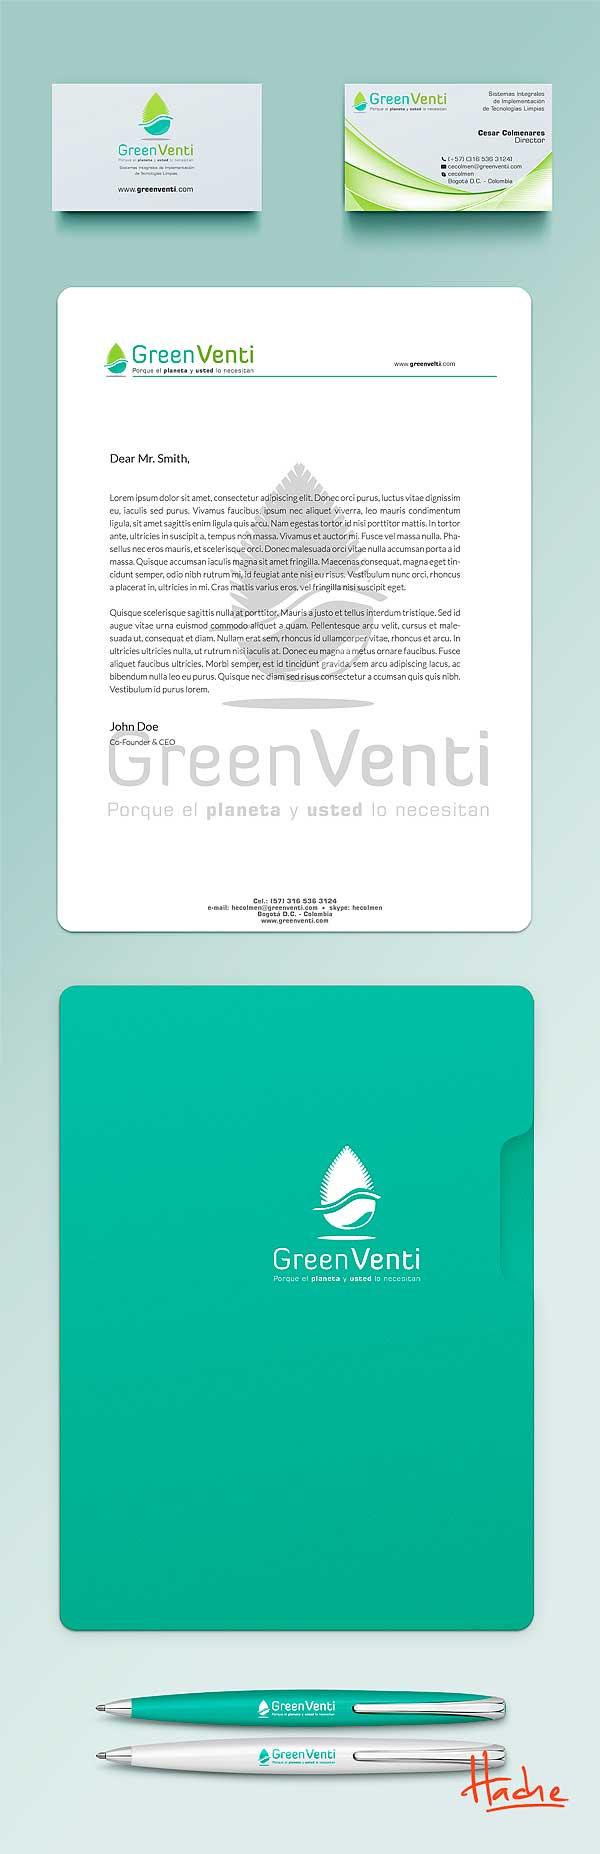 Imagen corporativa. Green Venti por Hache Holguín